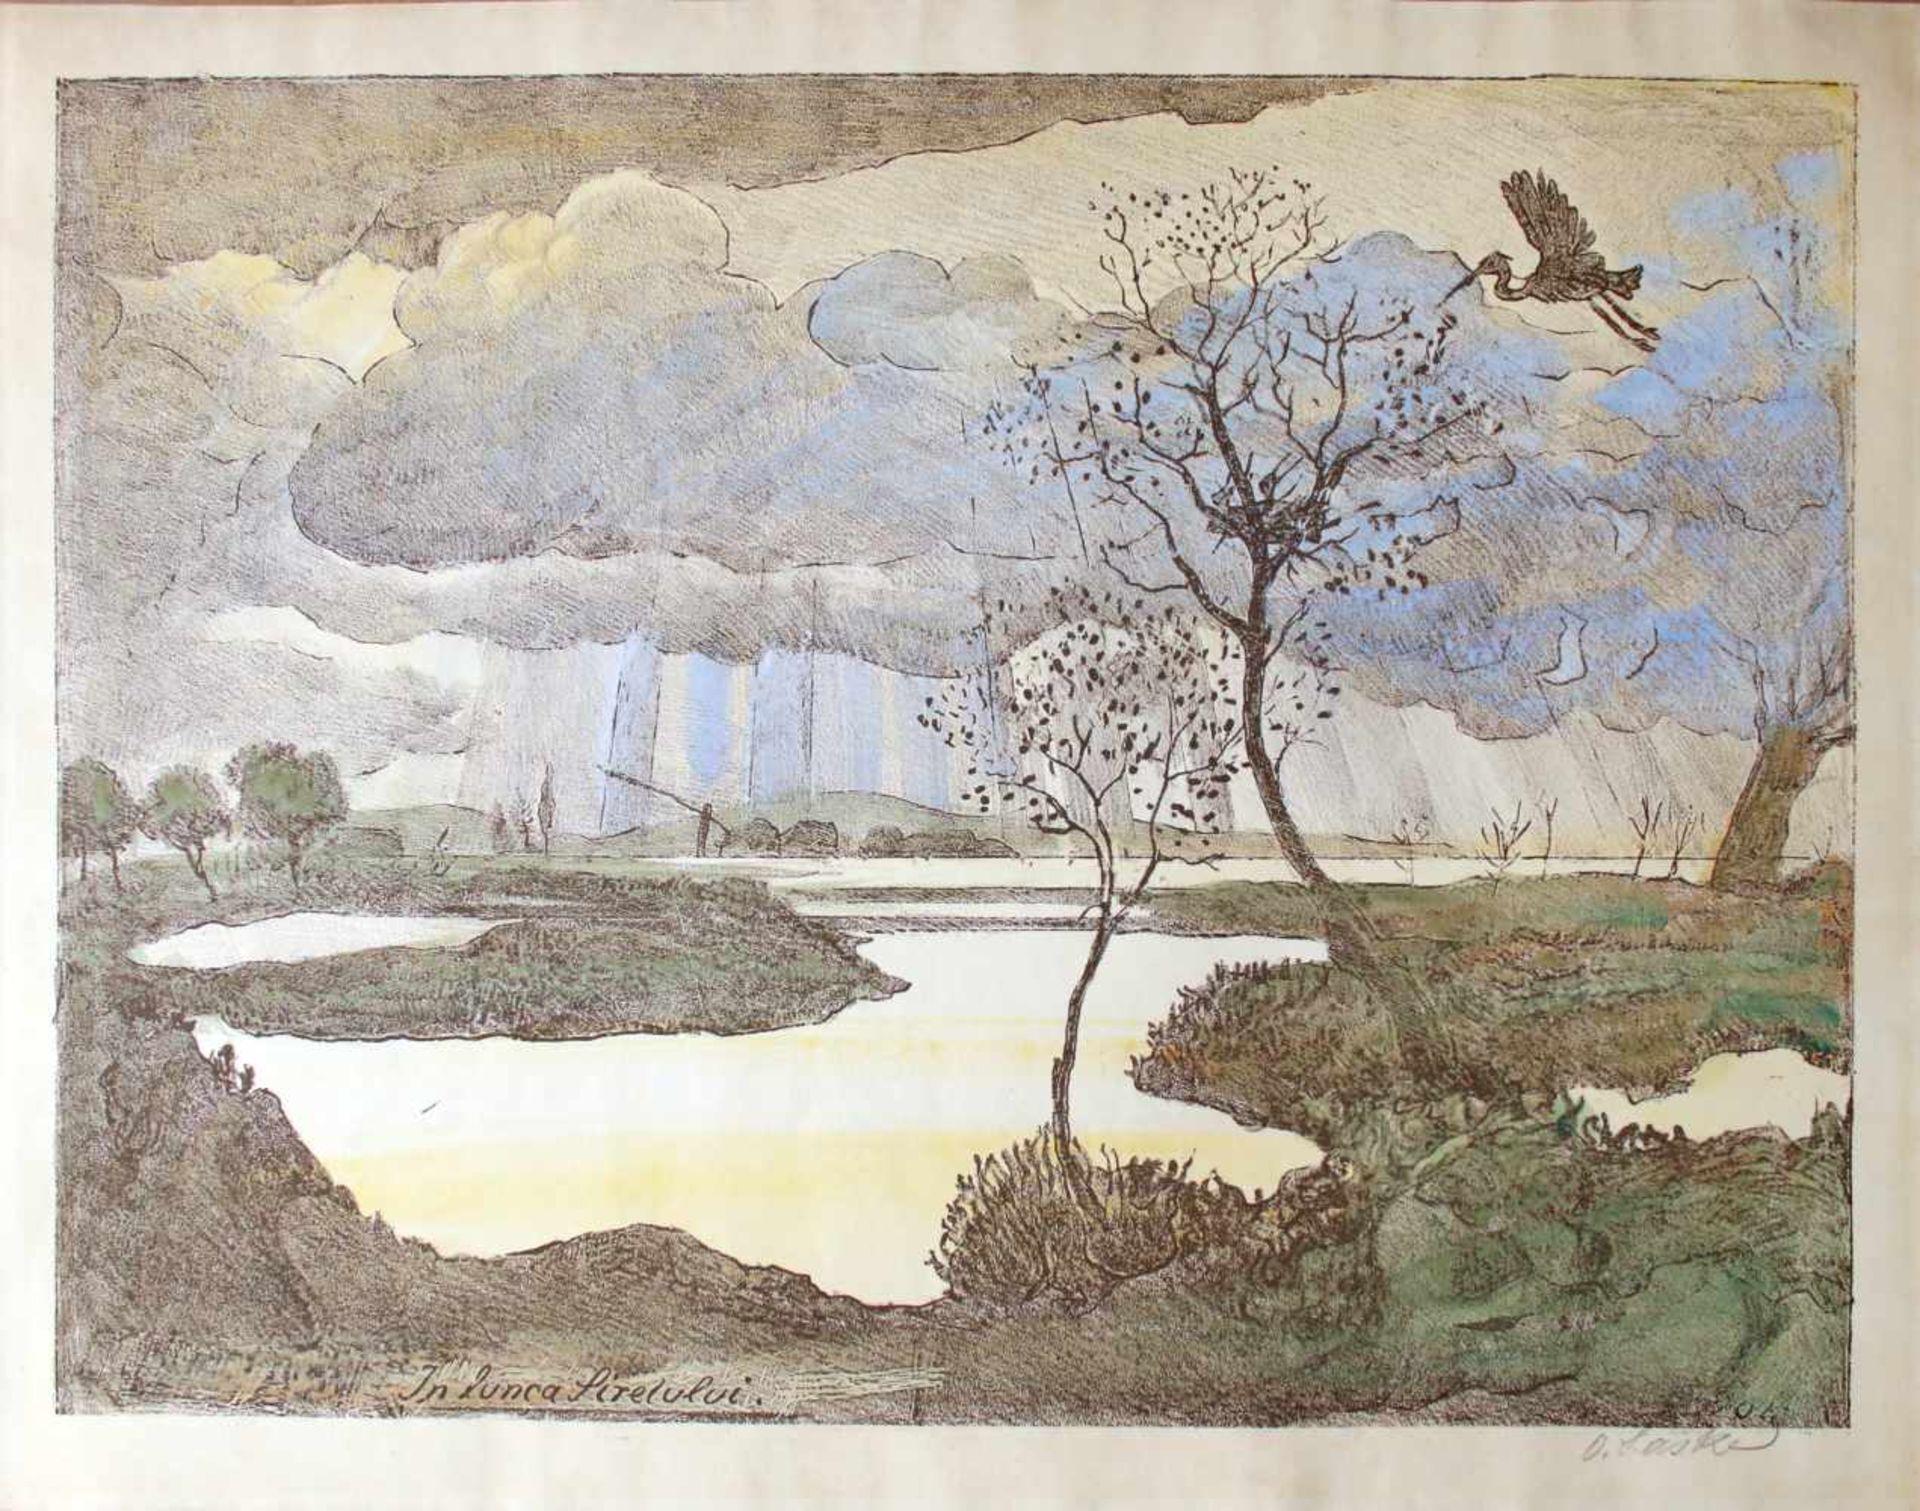 Oskar Laske(1874 - 1951)In Lunca Siretului (Auf der Wiese des Siret)Farblithographie,